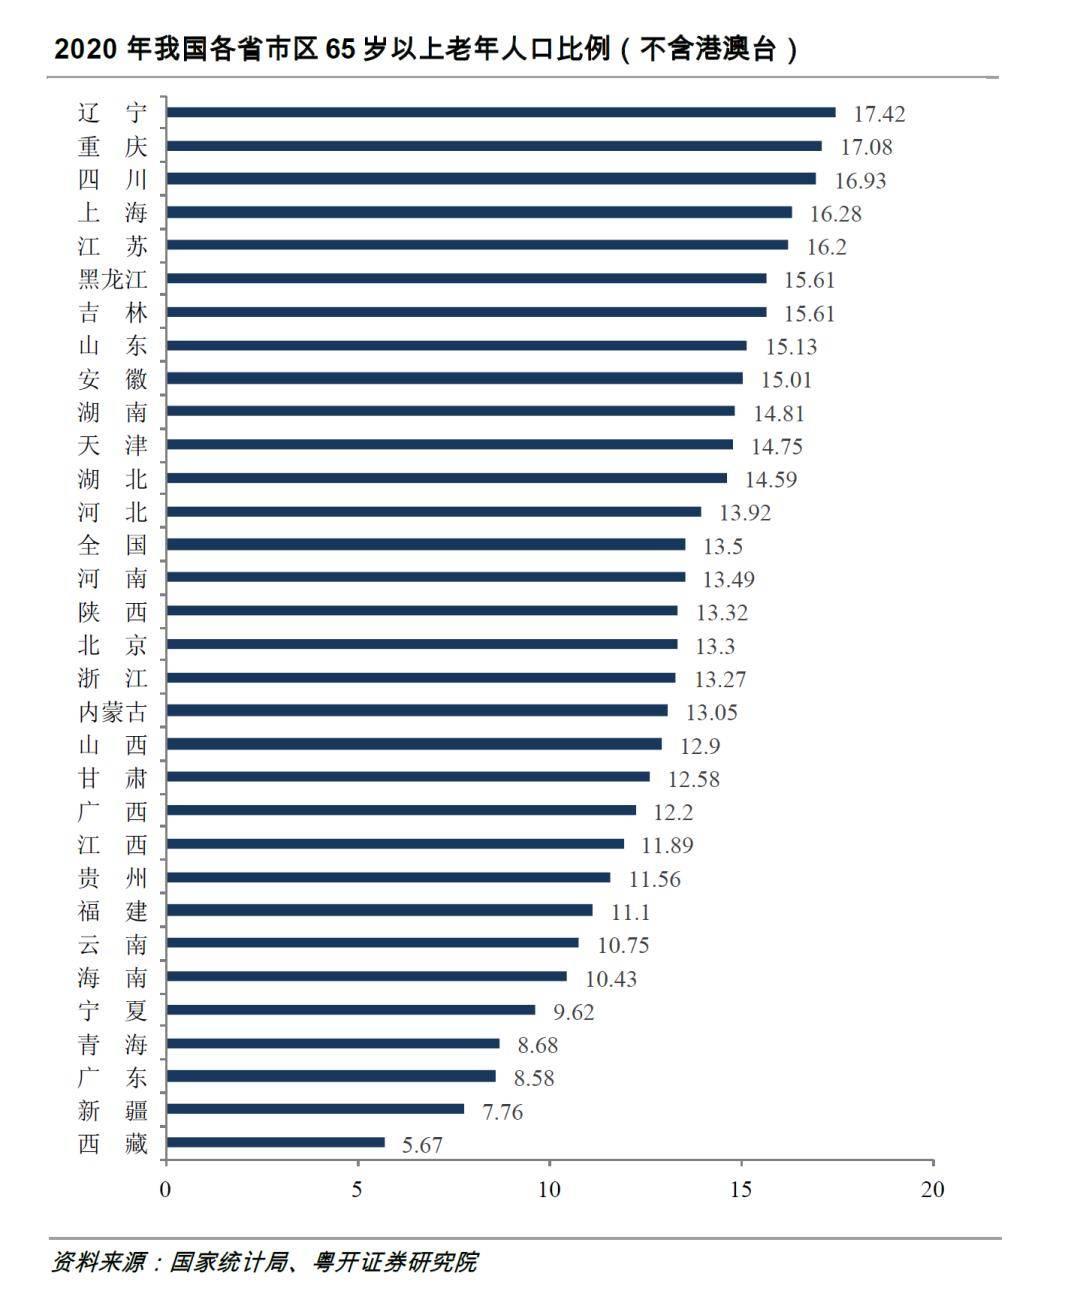 中国gdp哪一年超过日本_2020世界GDP总量排名:美国再次稳坐第一,中国超日本成第二